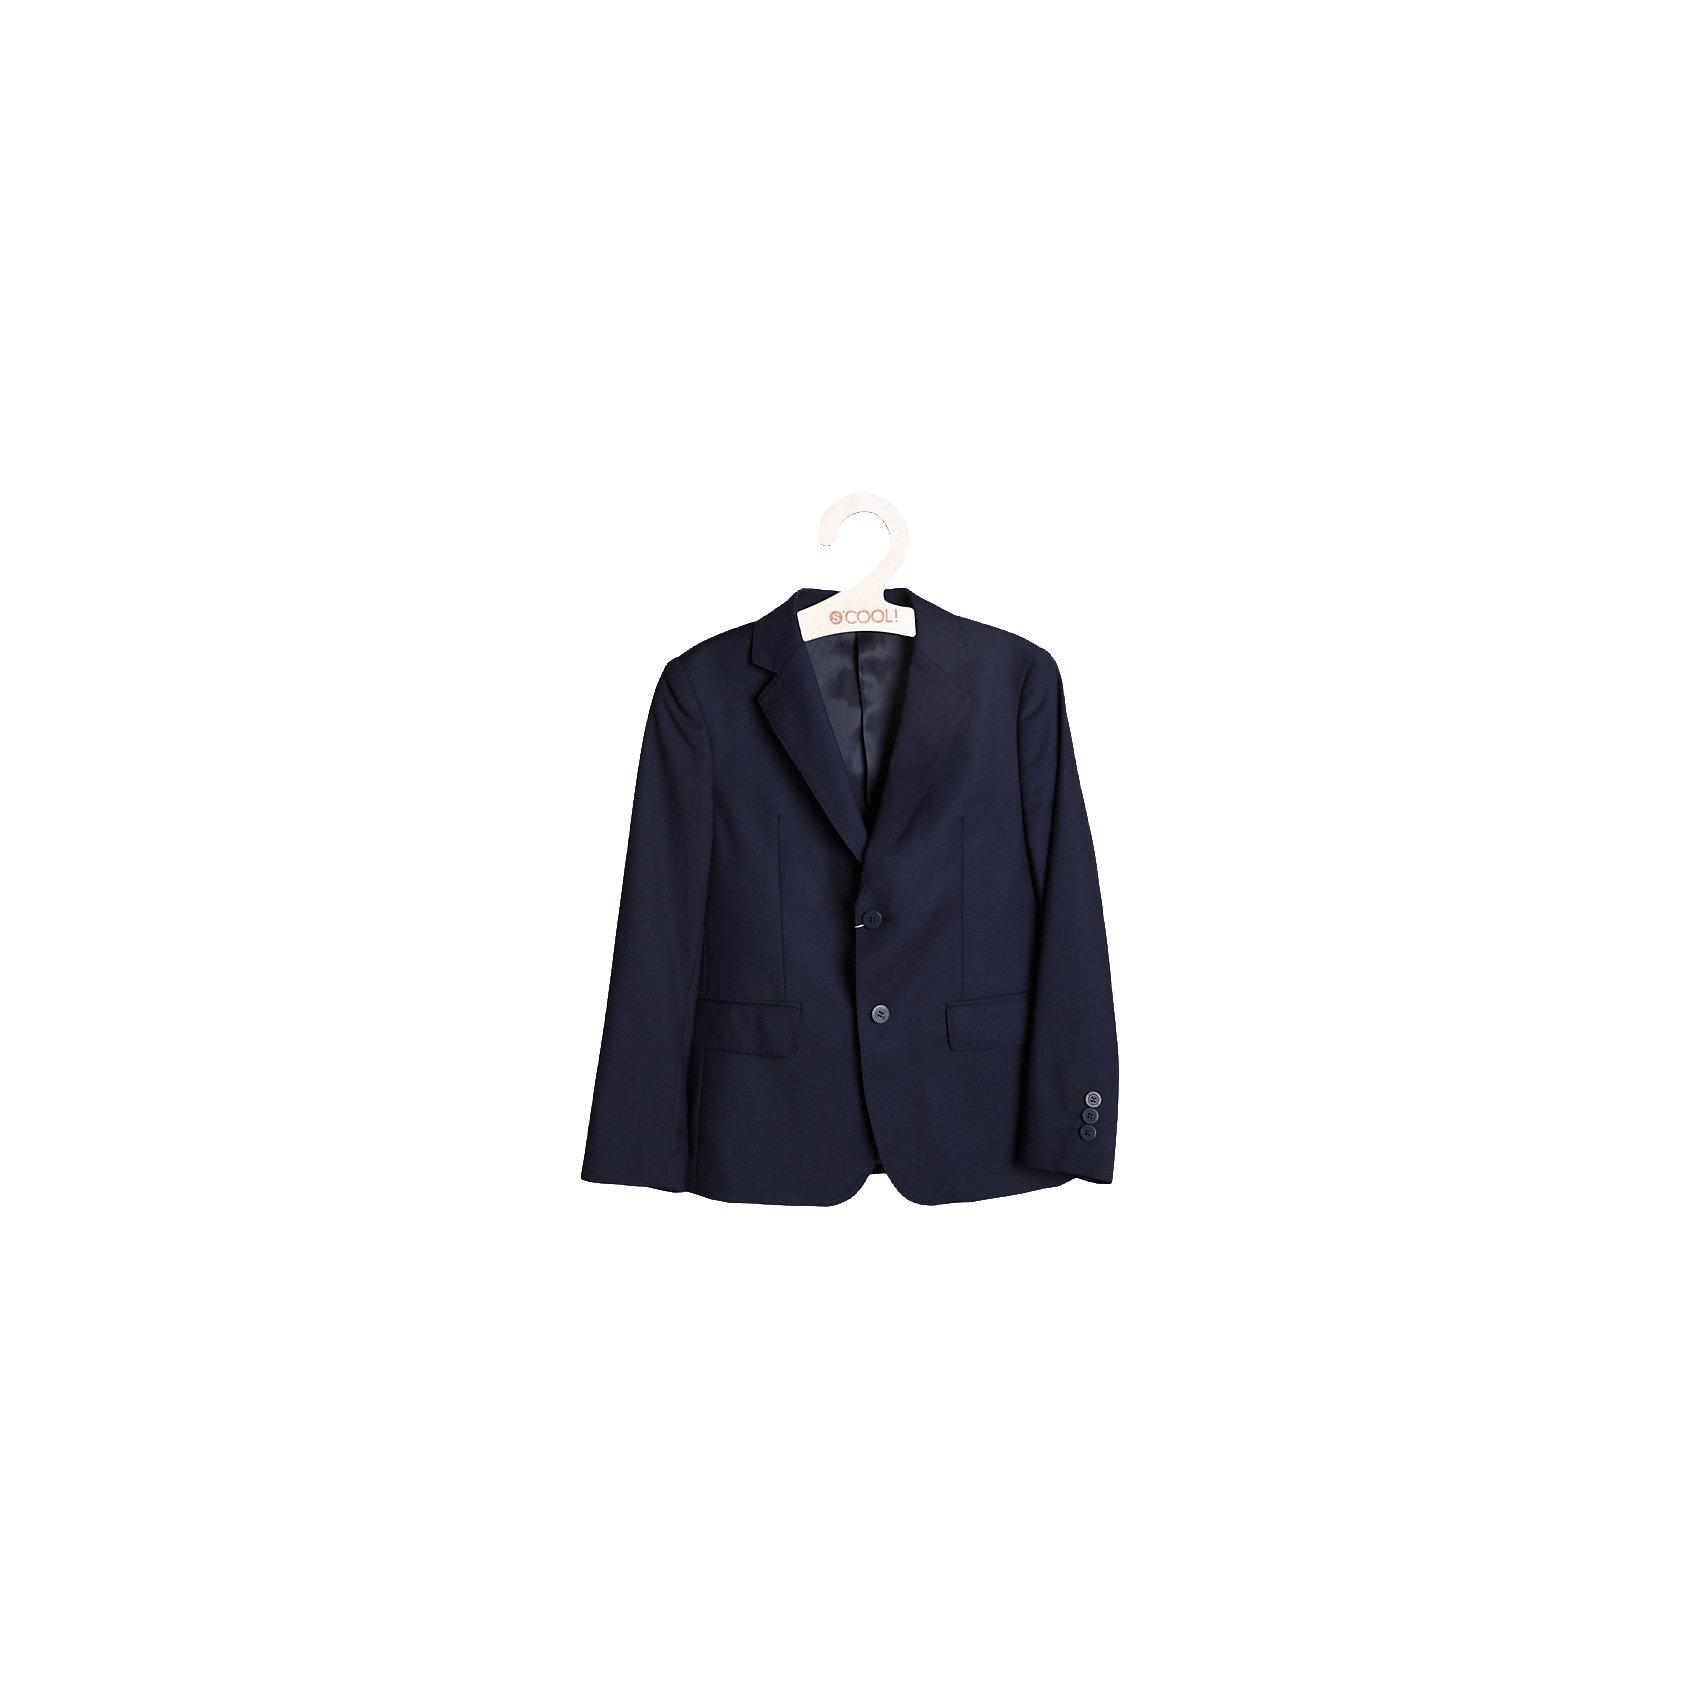 Пиджак для мальчика ScoolПиджаки и костюмы<br>Пиджак для мальчика от известной марки Scool.<br>* классический пиджак прямого кроя, выполненный из однотонного качественного материала<br> * отложной воротник с лацканом<br>* модель дополнена боковыми карманами с клапанами<br>* пиджак однобортный на двух пуговицах<br>* крой модели сохранил в себе все традиции производства классического пиджака<br>Состав:<br>Верх: 65% полиэстер, 35% вискоза, Подкладка: 65% полиэстер 35% вискоза<br><br>Ширина мм: 356<br>Глубина мм: 10<br>Высота мм: 245<br>Вес г: 519<br>Цвет: синий<br>Возраст от месяцев: 96<br>Возраст до месяцев: 108<br>Пол: Мужской<br>Возраст: Детский<br>Размер: 134,146,158,152,140,128,164<br>SKU: 4140605